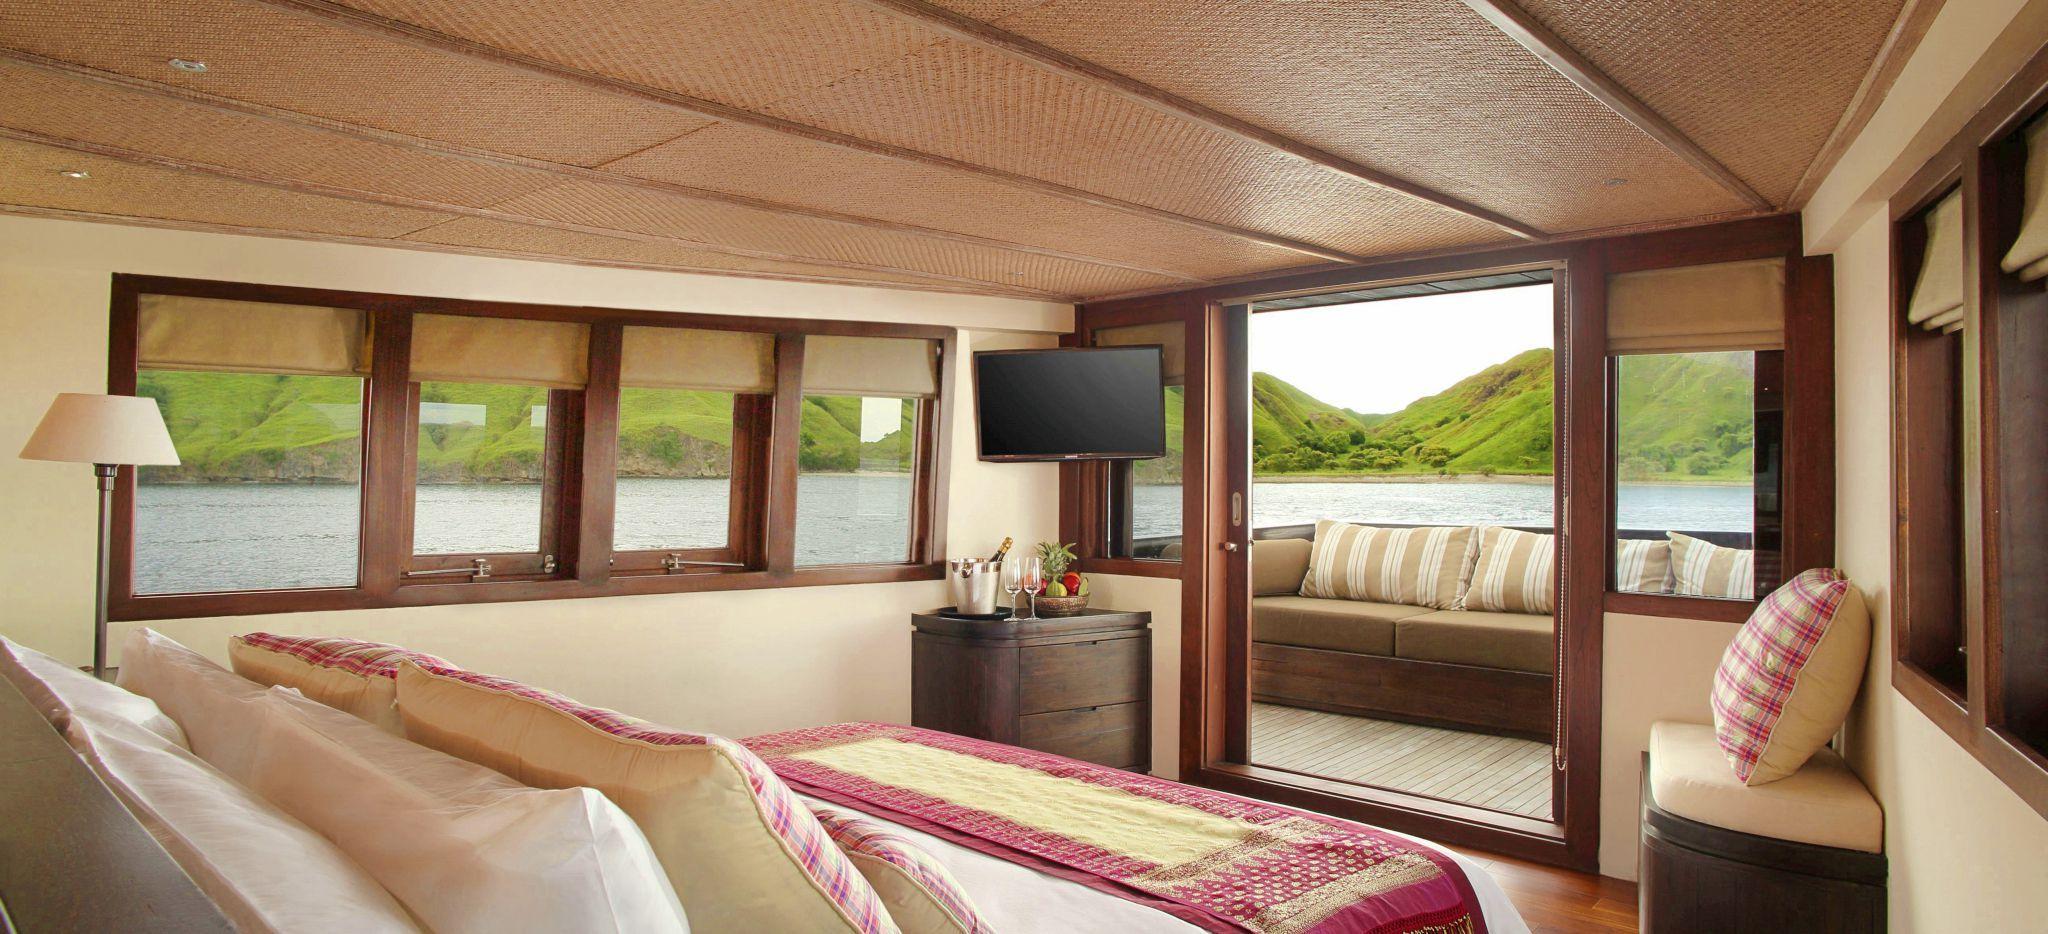 """Hotelzimmer des Schiffes """"Alila Purnama"""", Master Suite mit Balkon mit Blick auf das Meer, Inseln in der Ferne, Indonesien"""